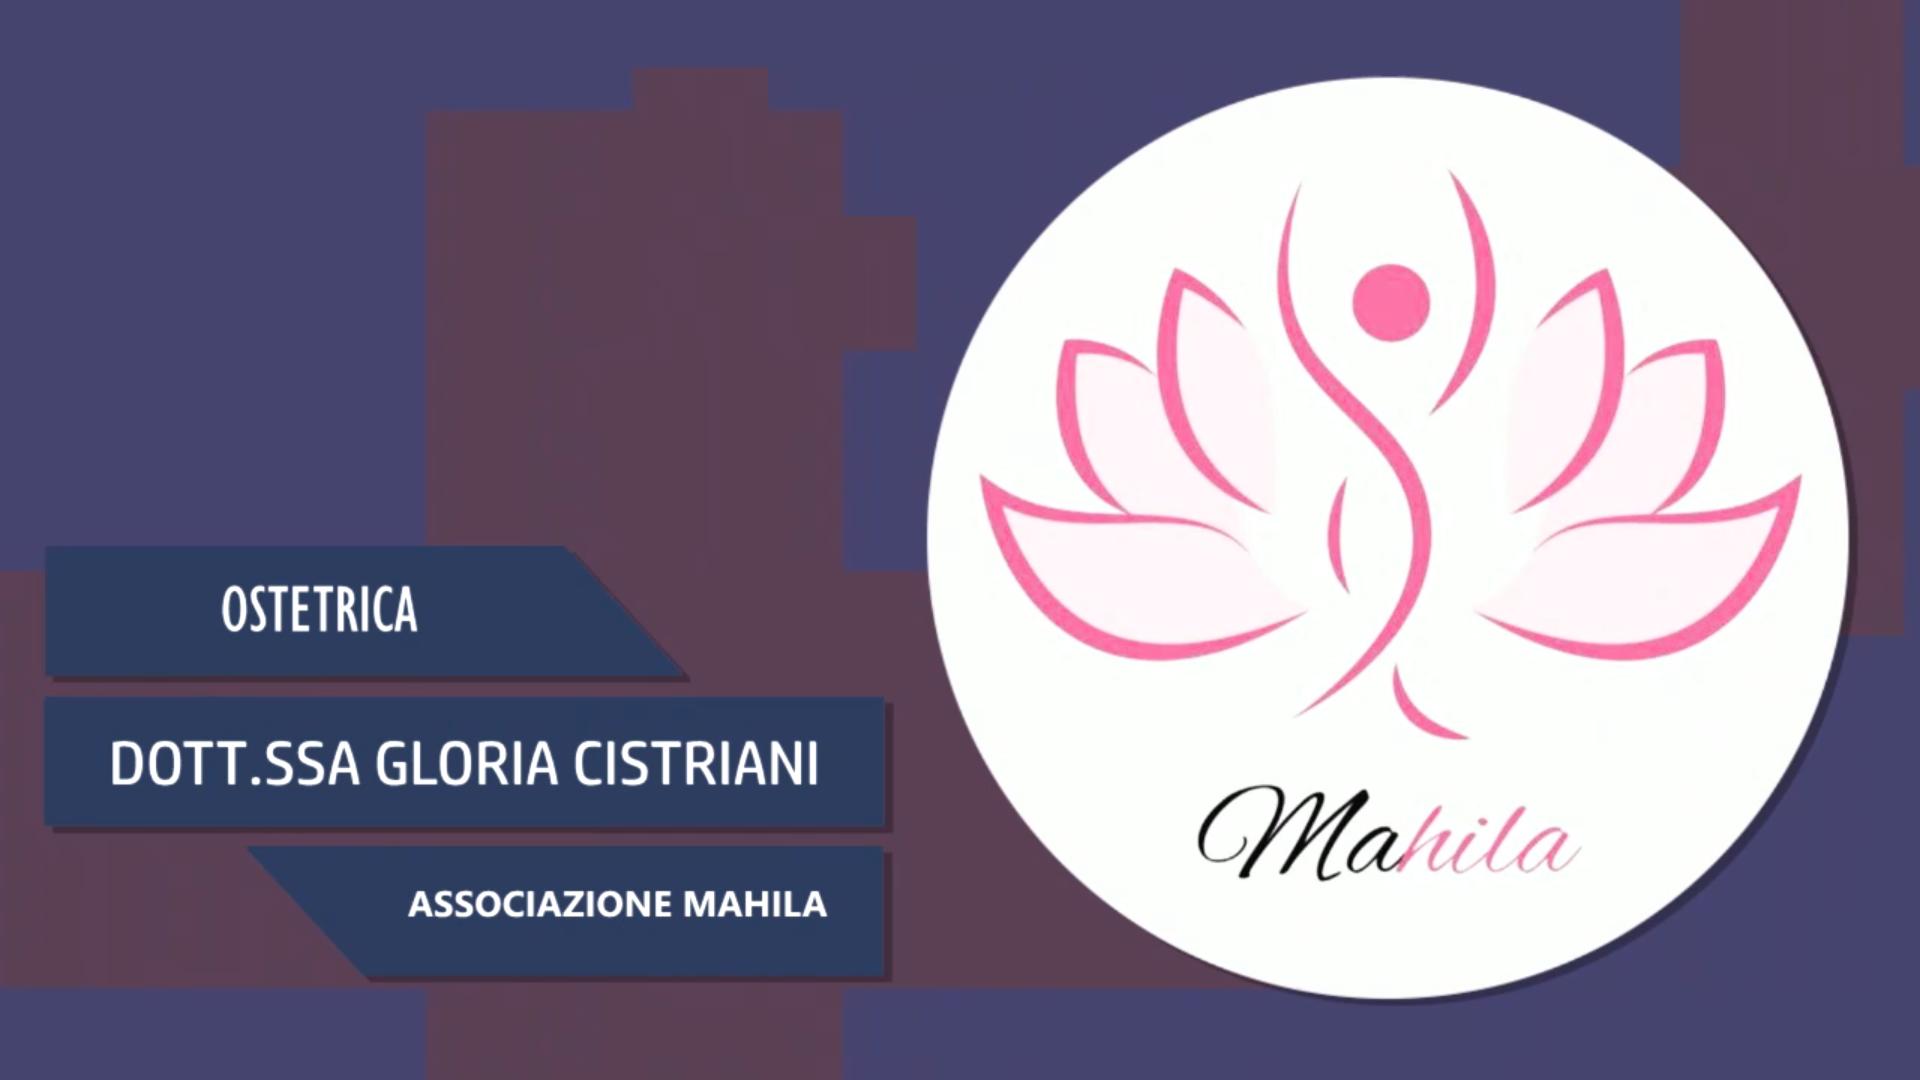 Intervista alla Dott.ssa Gloria Cistriani – Associazione Mahila